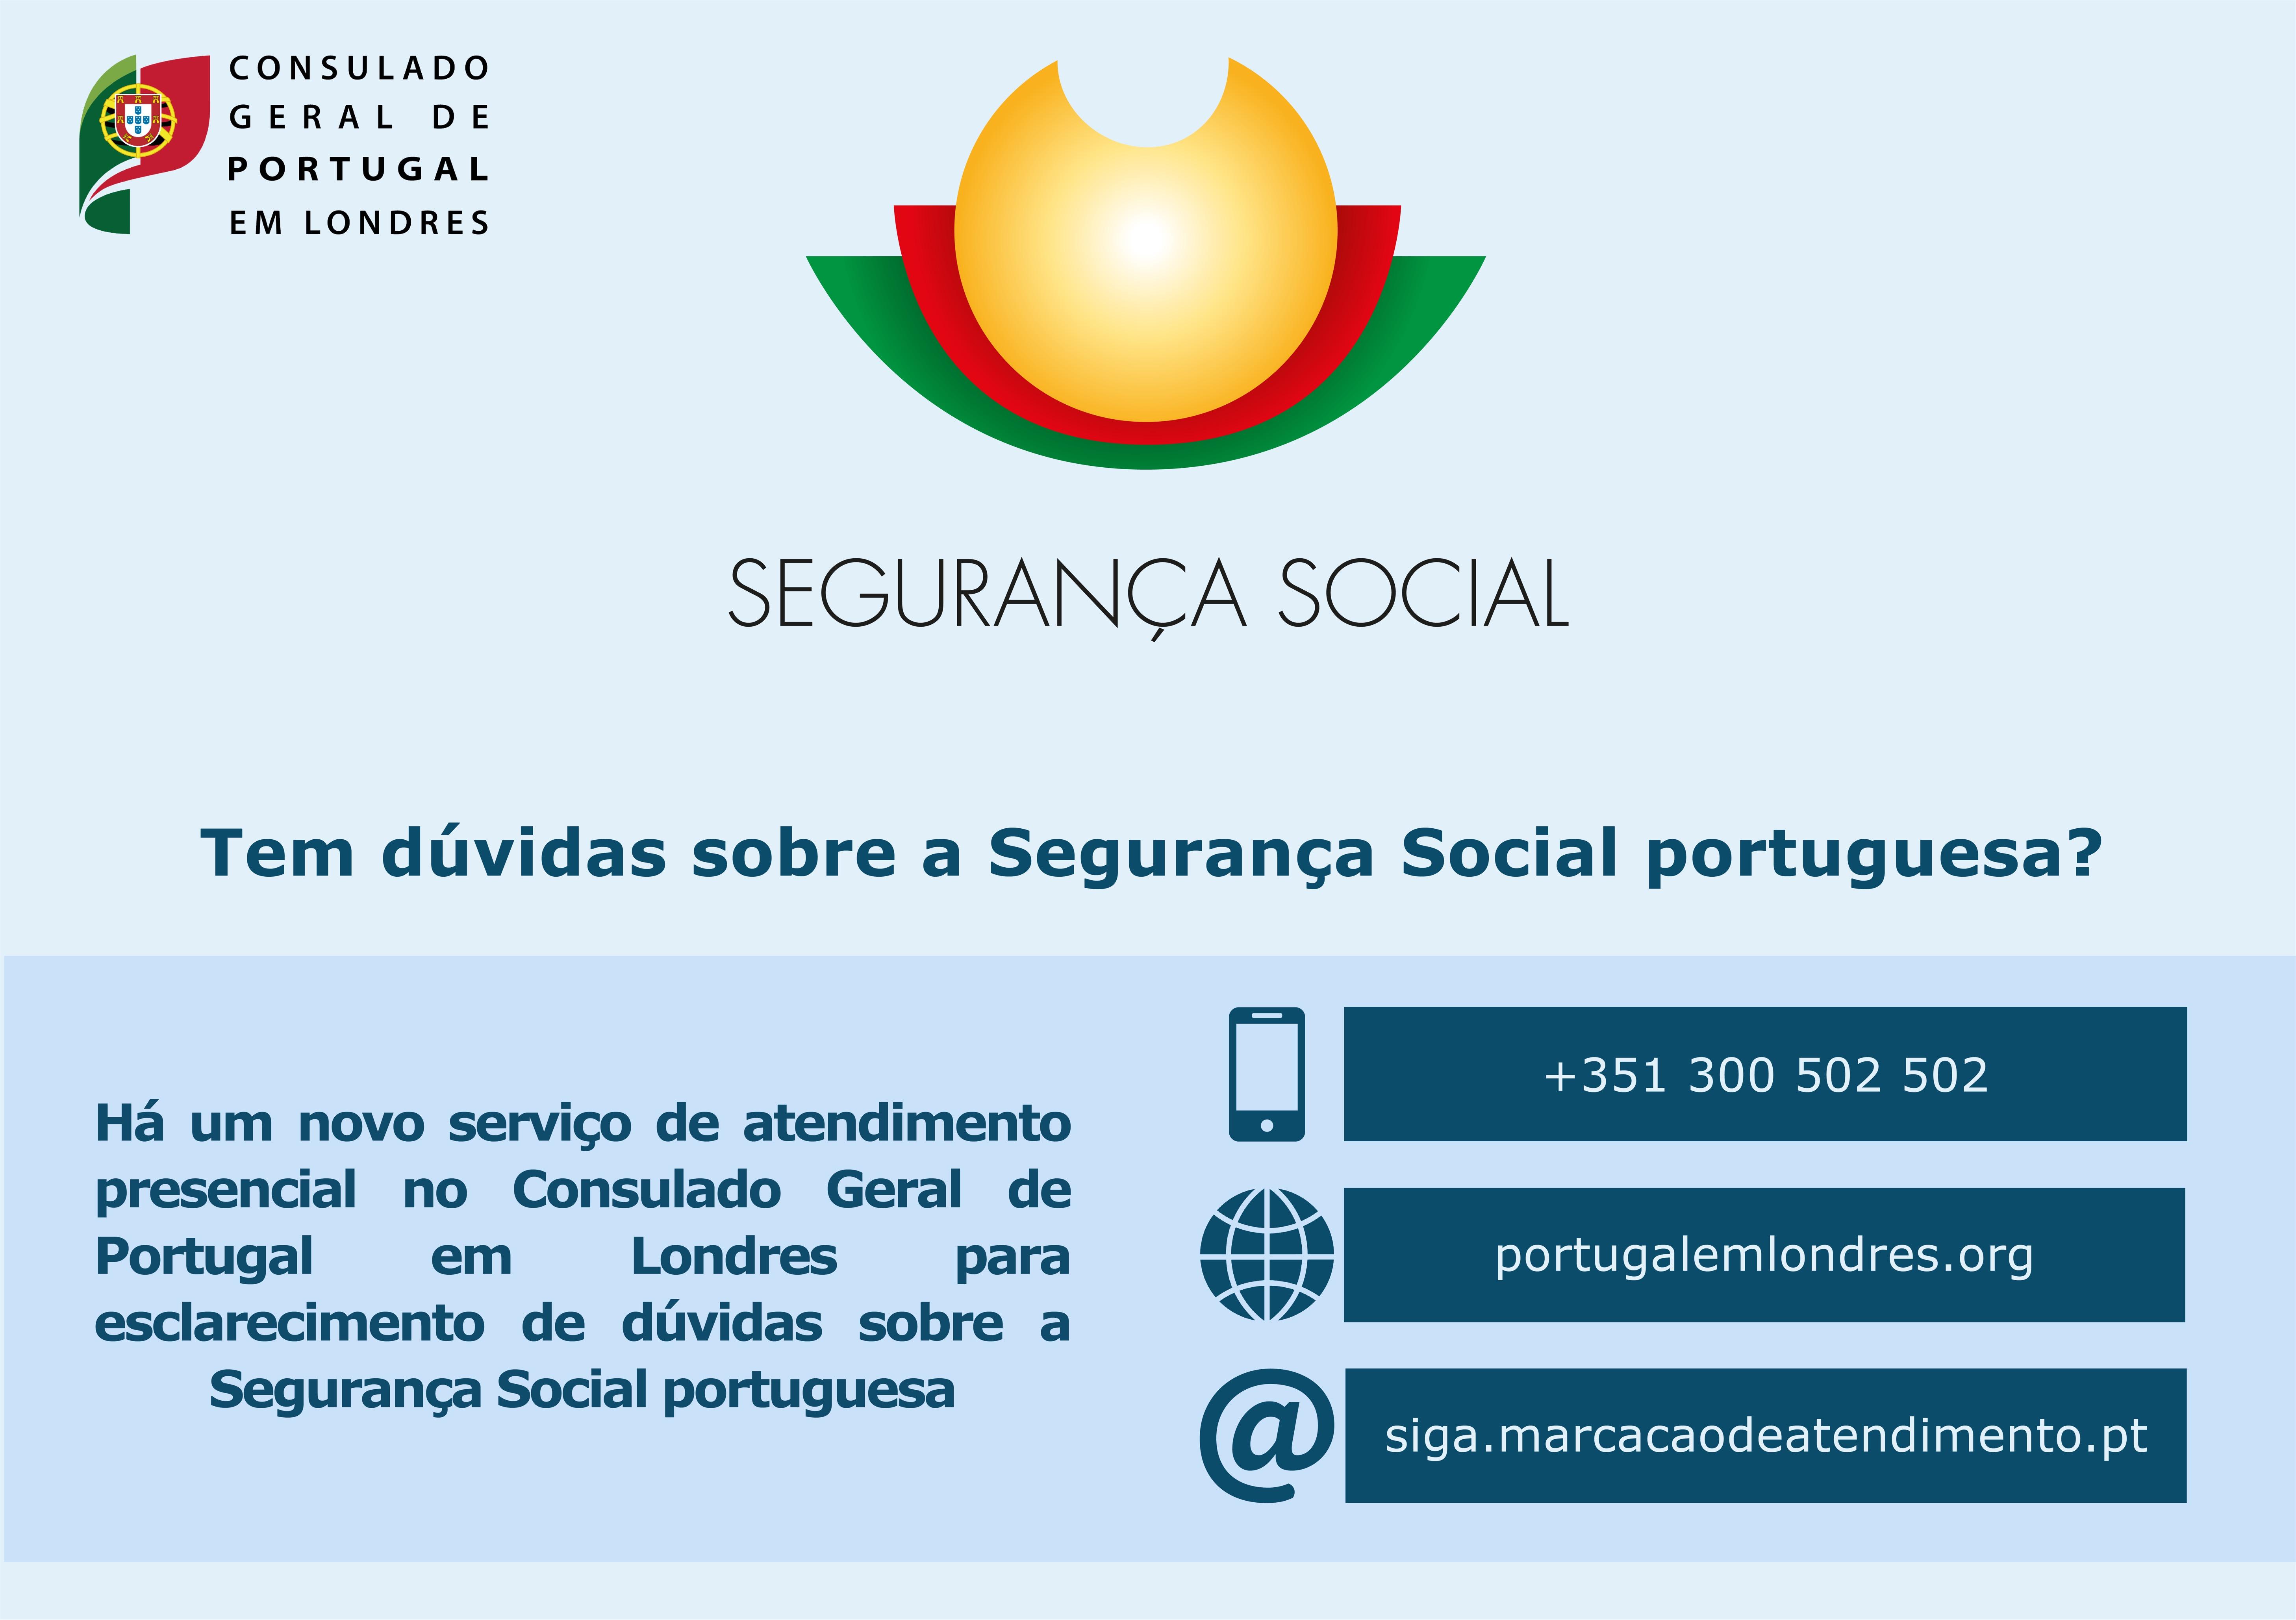 Tem dúvidas sobre a Segurança Social Portuguesa